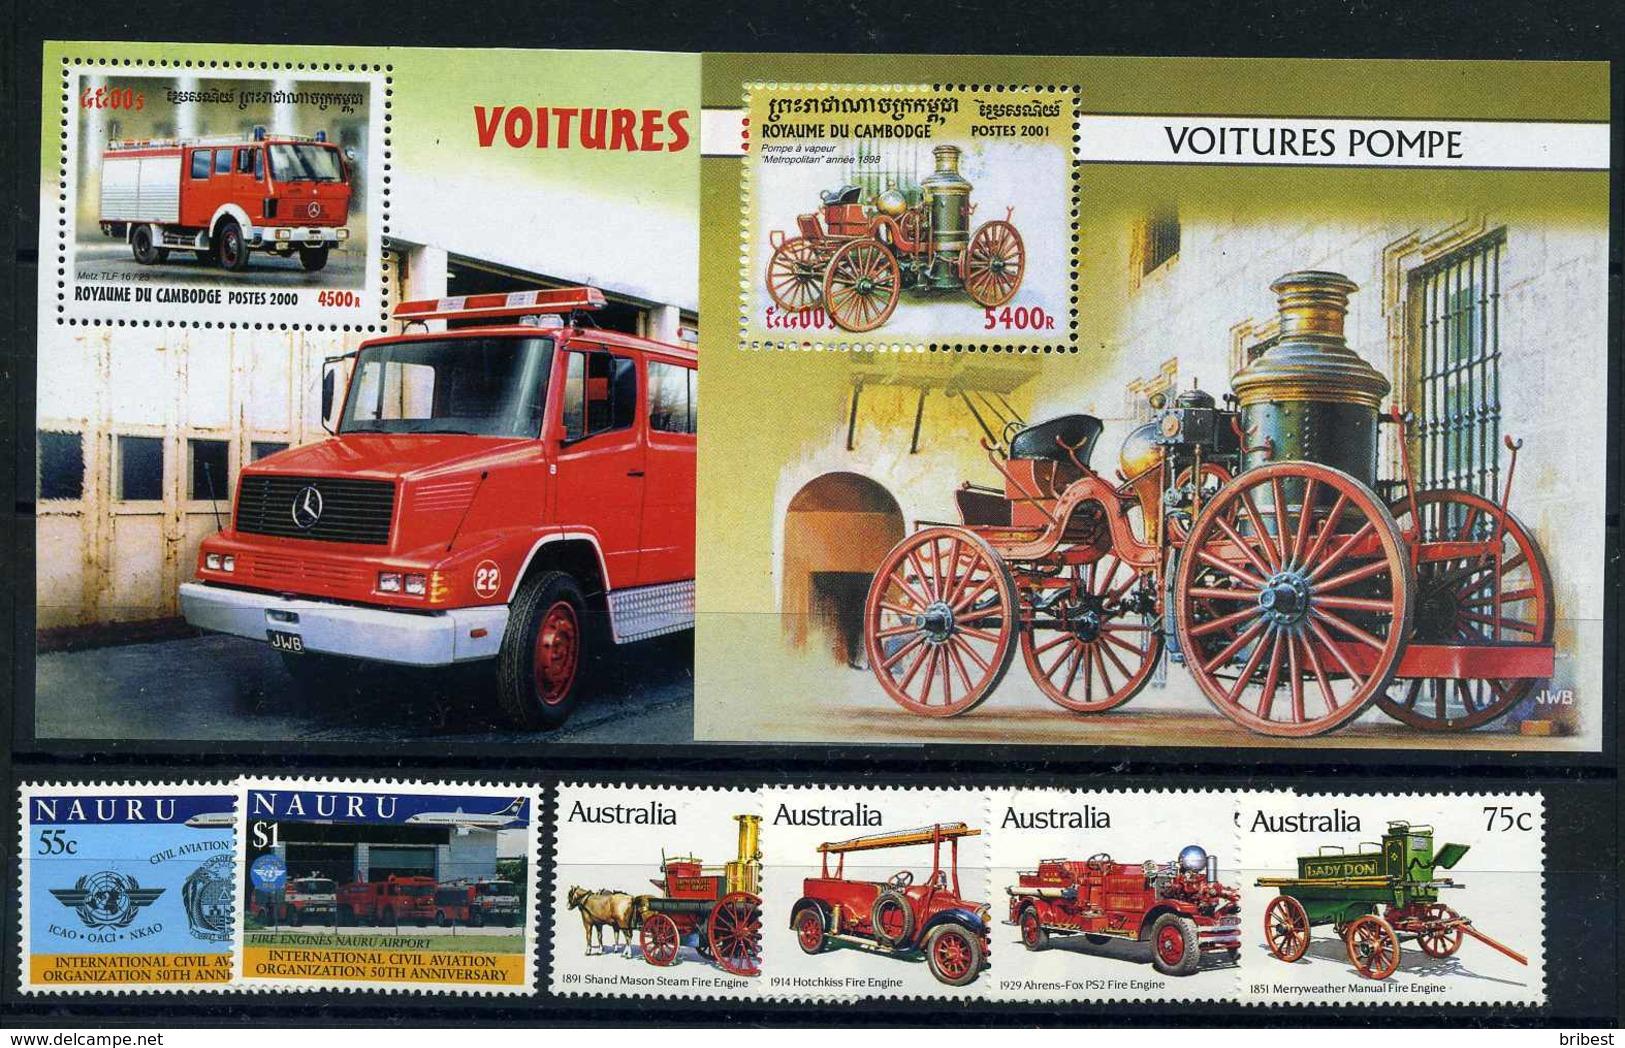 FEUERWEHR Motivmarken Lot Postfrisch (109020) - Feuerwehr